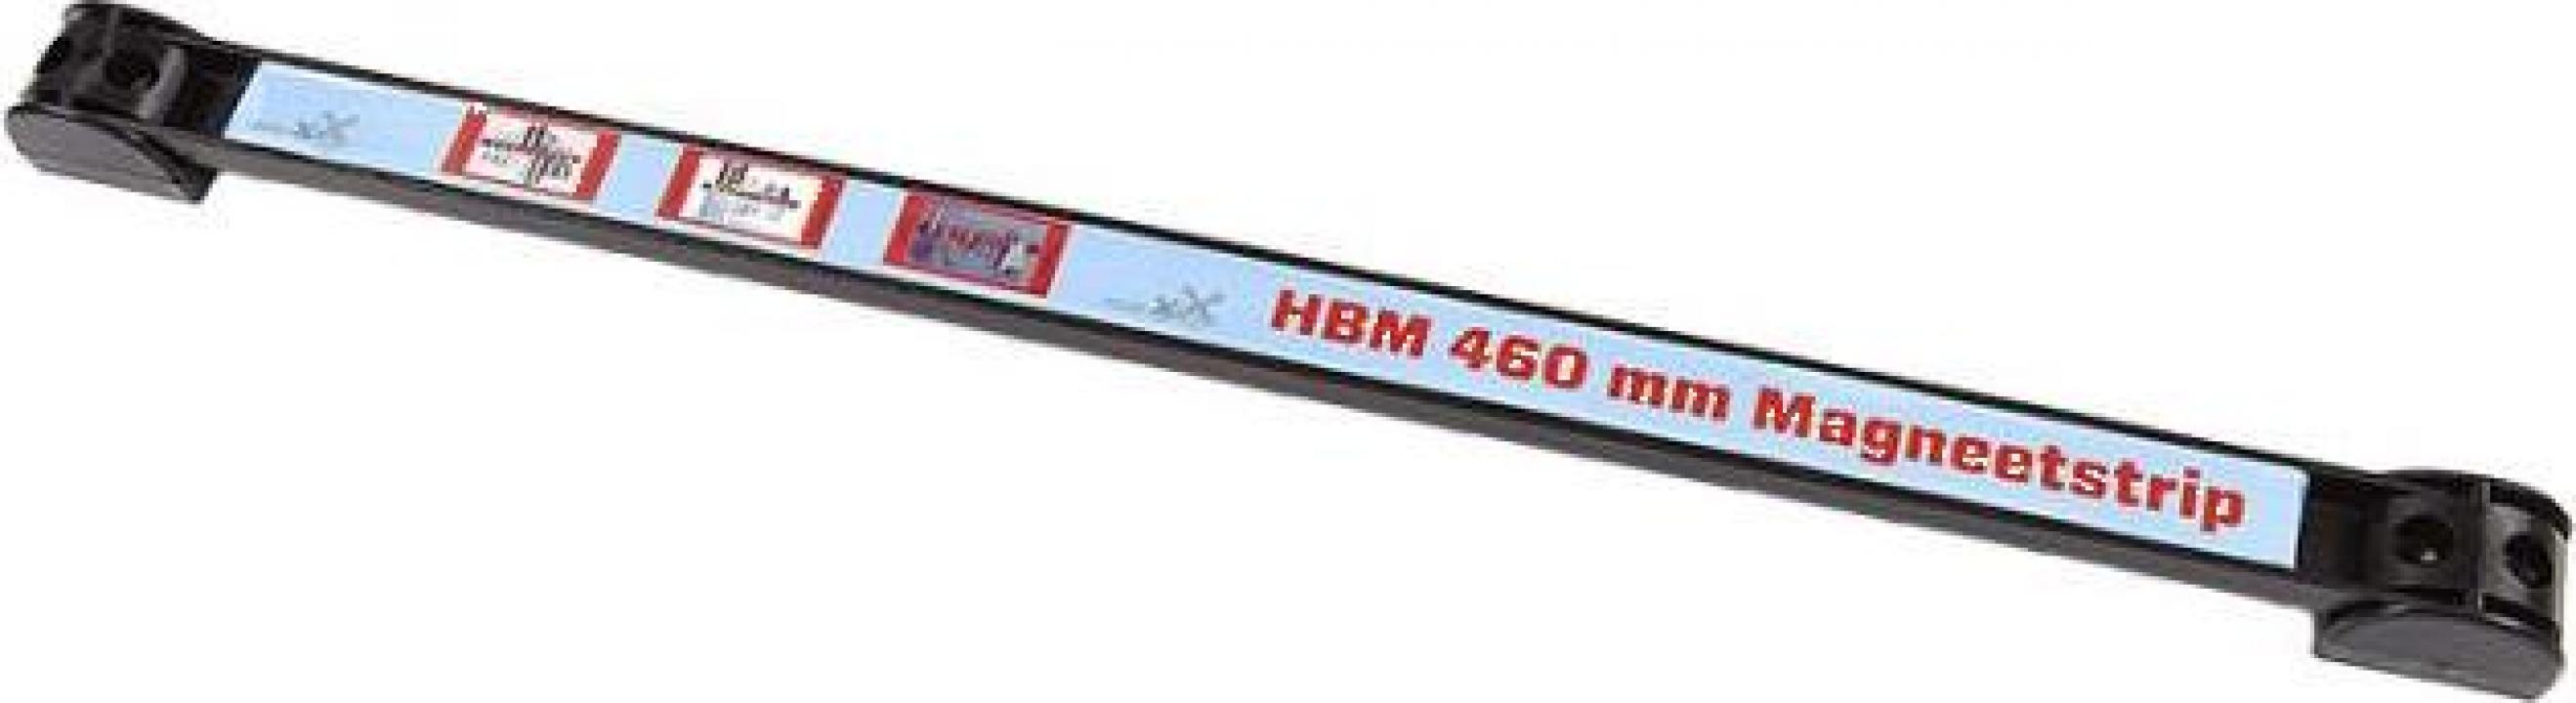 Suport bara magnetica pentru scule 50cm HBM